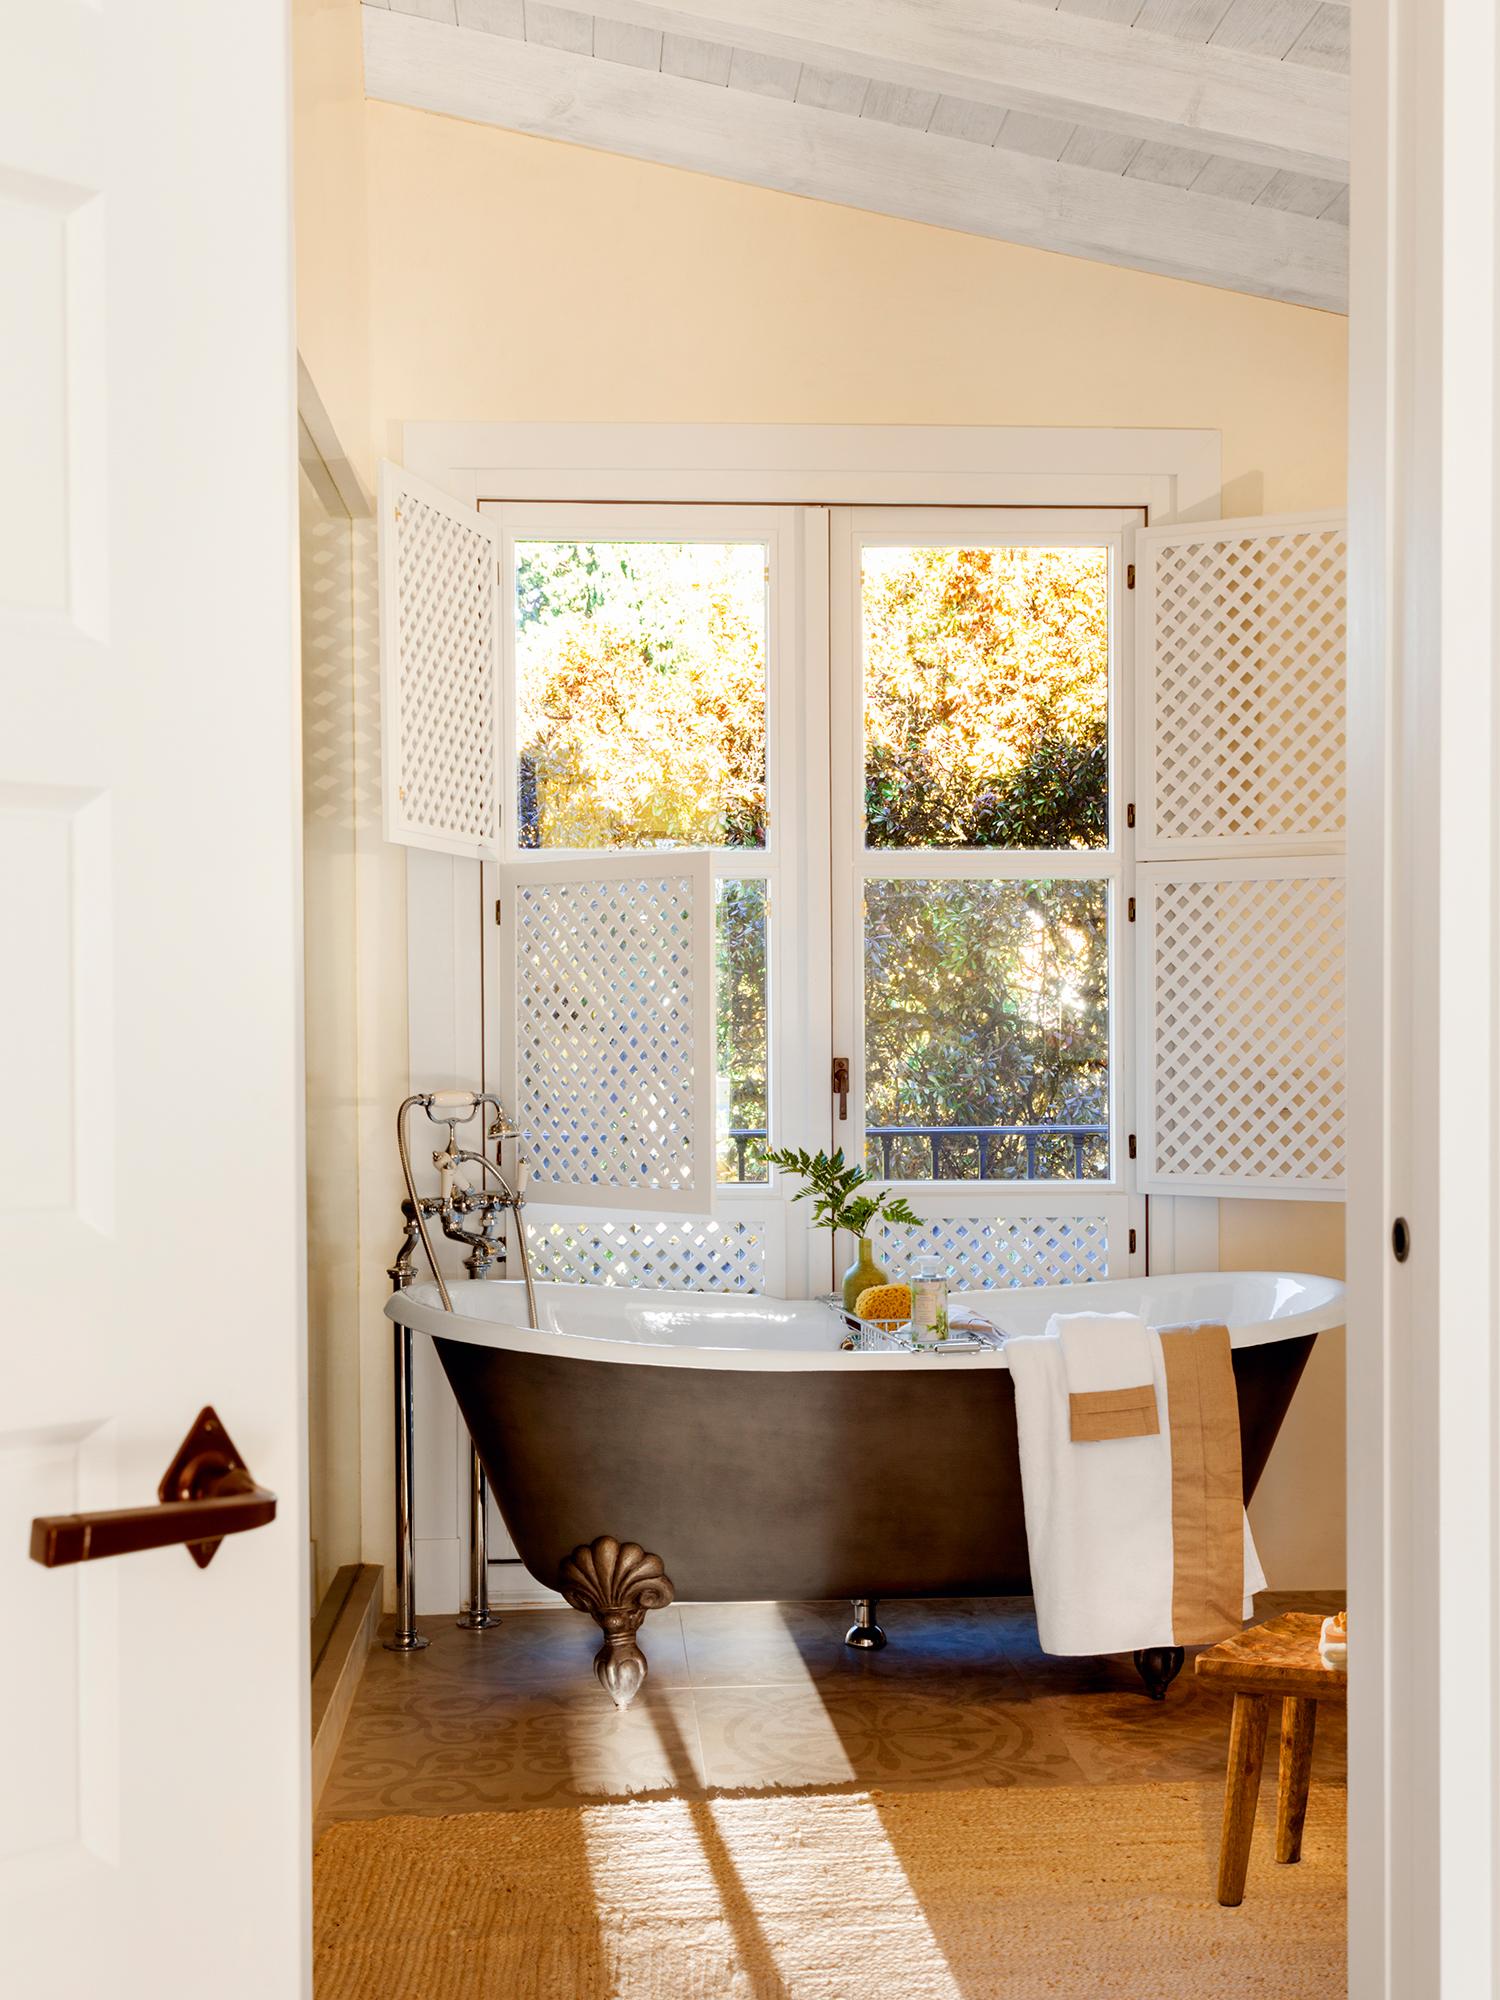 Ba era o ducha pros y contras y claves para elegir - Baneras vistas ...